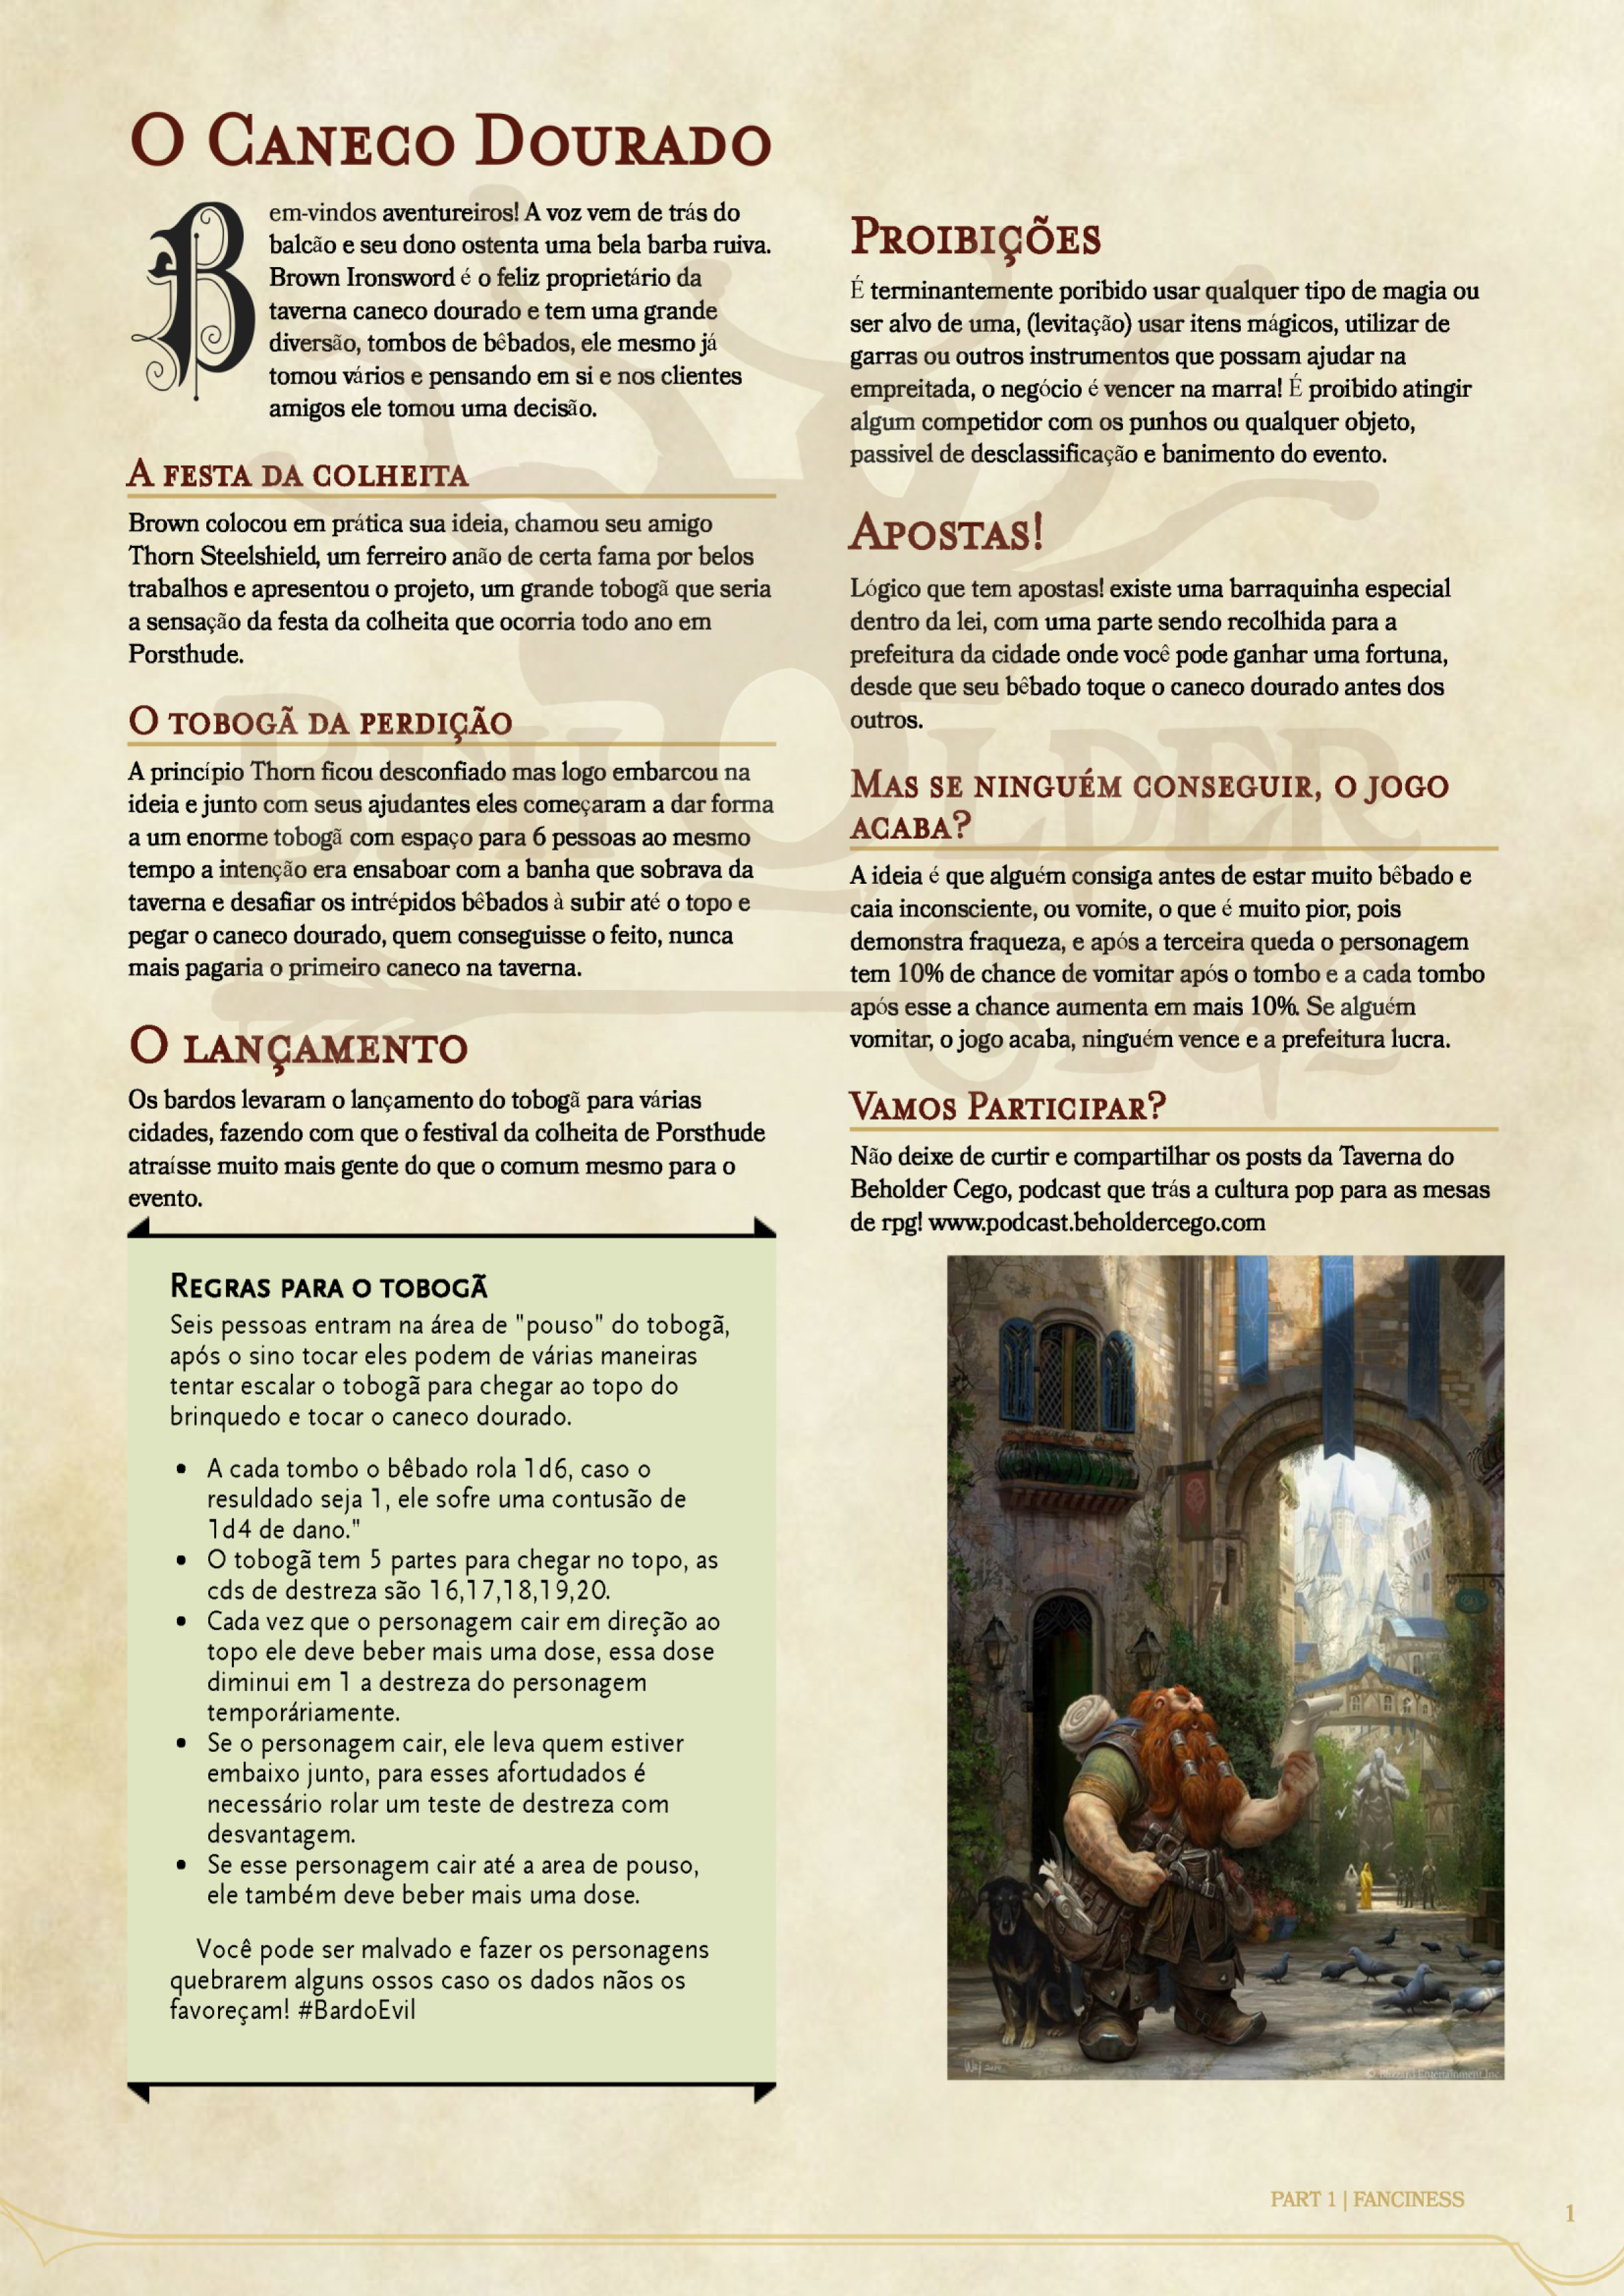 Pagina envelhecida com texto explicativo de como jogar o Caneco Dourado. A baixo uma imagem de um anão com um pergaminho na mão em um fundo de cidade.